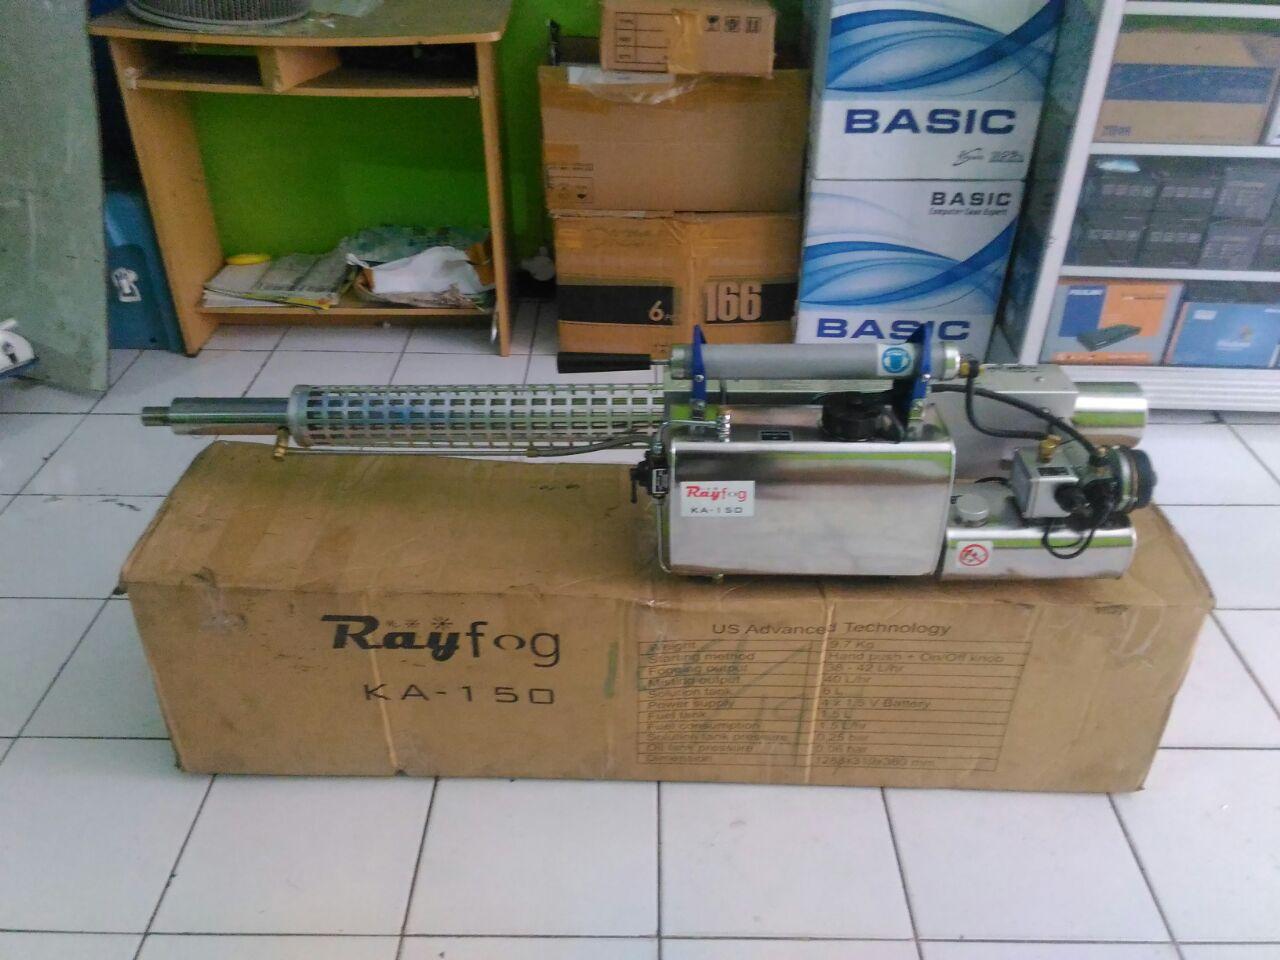 Rayfog KA 150